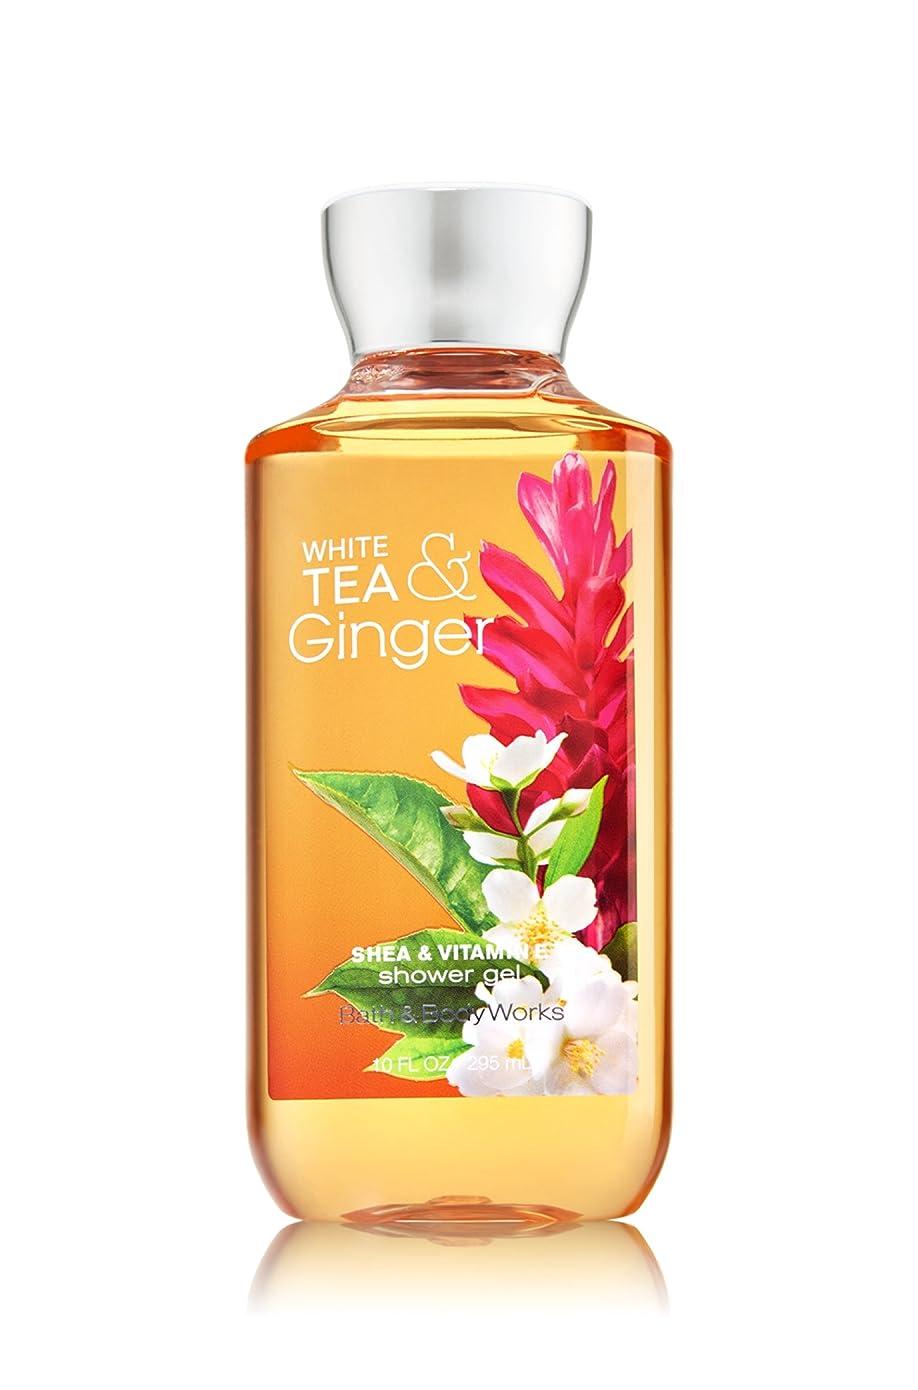 礼拝マイルストーン電話に出る【Bath&Body Works/バス&ボディワークス】 シャワージェル ホワイトティー&ジンジャー Shower Gel White Tea & Ginger 10 fl oz / 295 mL [並行輸入品]